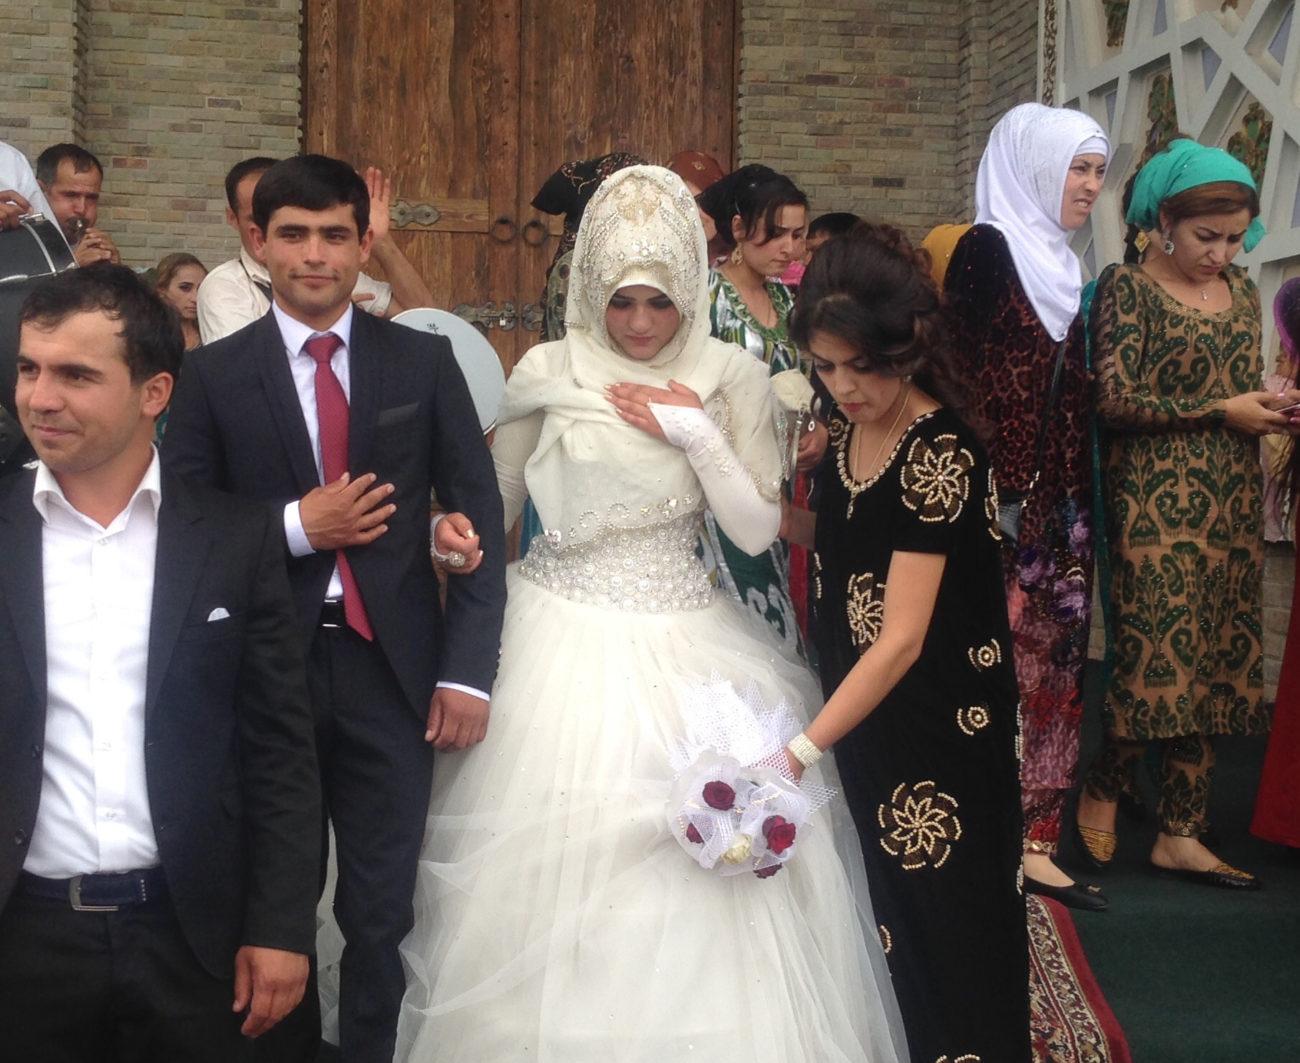 Menschen Zentralasiens Hochzeit SurchochaschmaSurchochaschma